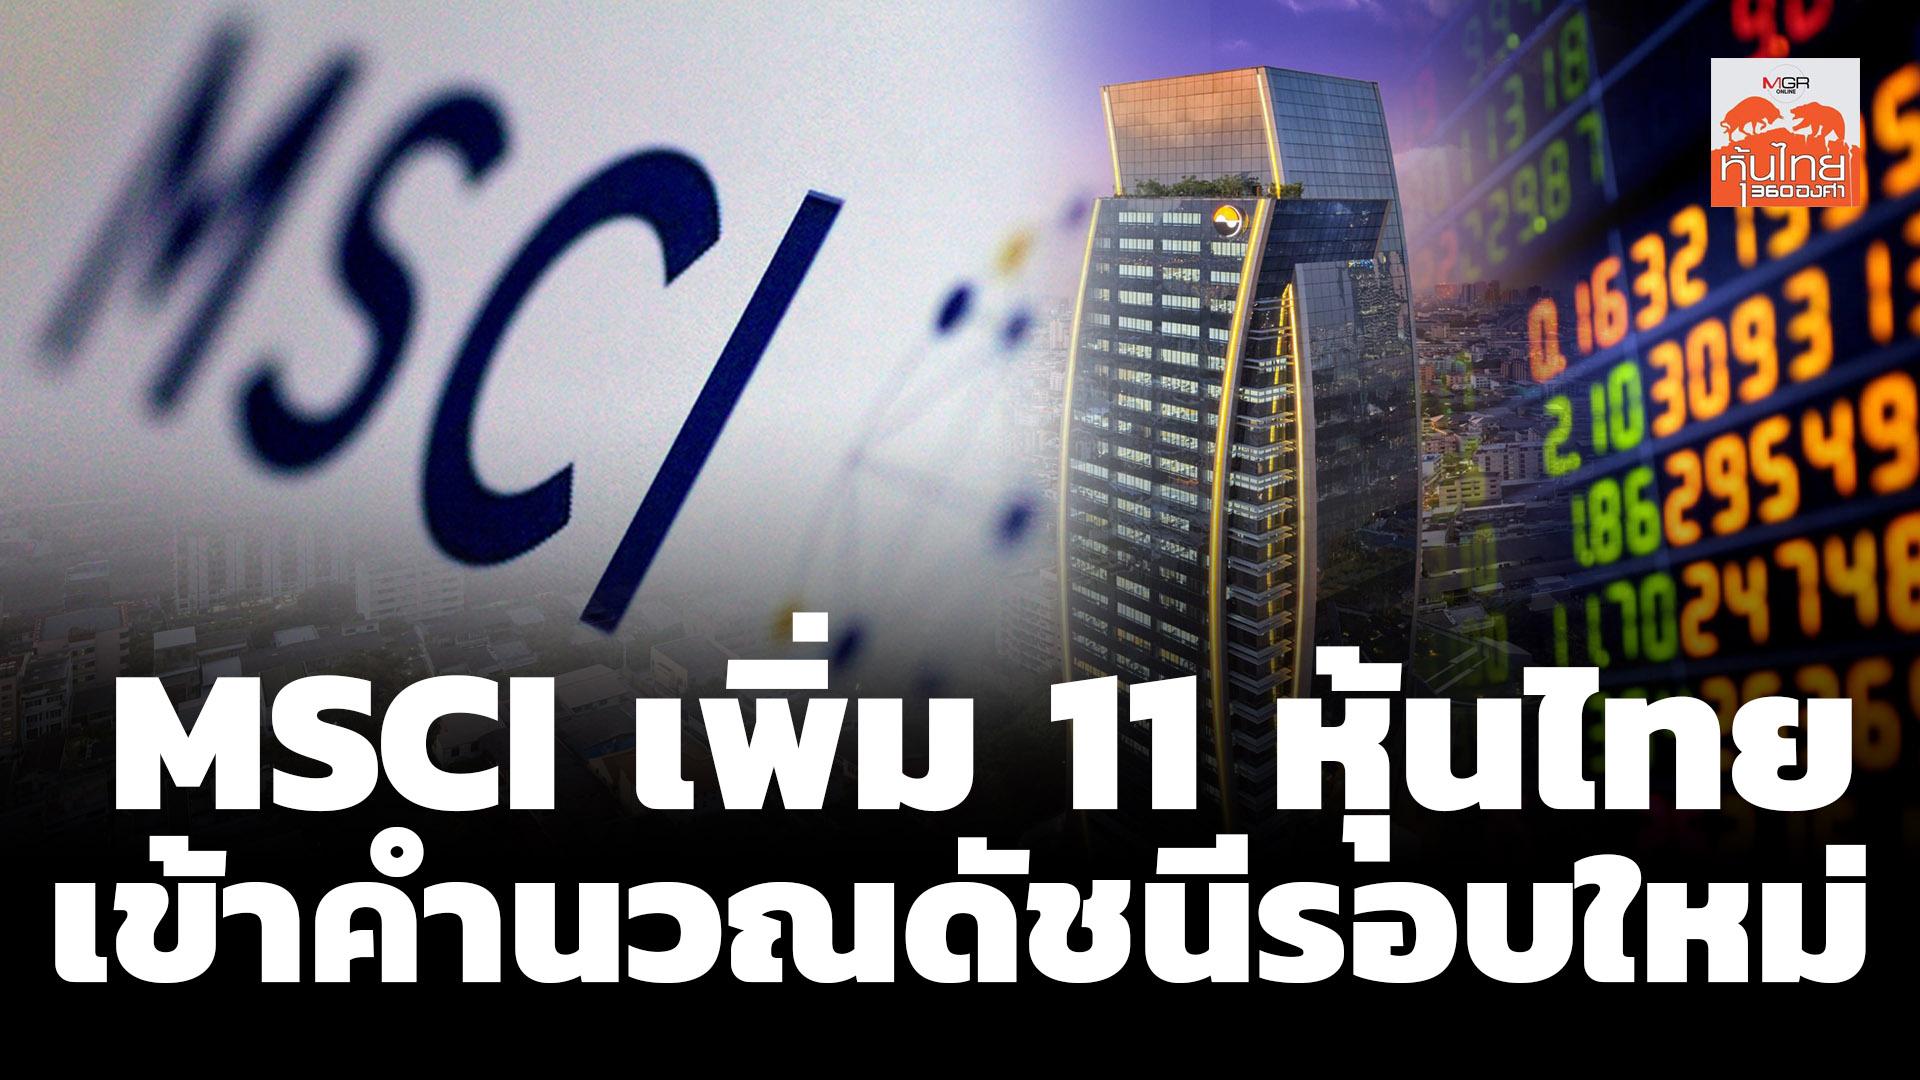 MSCI ประกาศเพิ่ม 11 หุ้นไทยเข้าคำนวณดัชนีรอบใหม่ มีผล 26 พ.ย. นี้